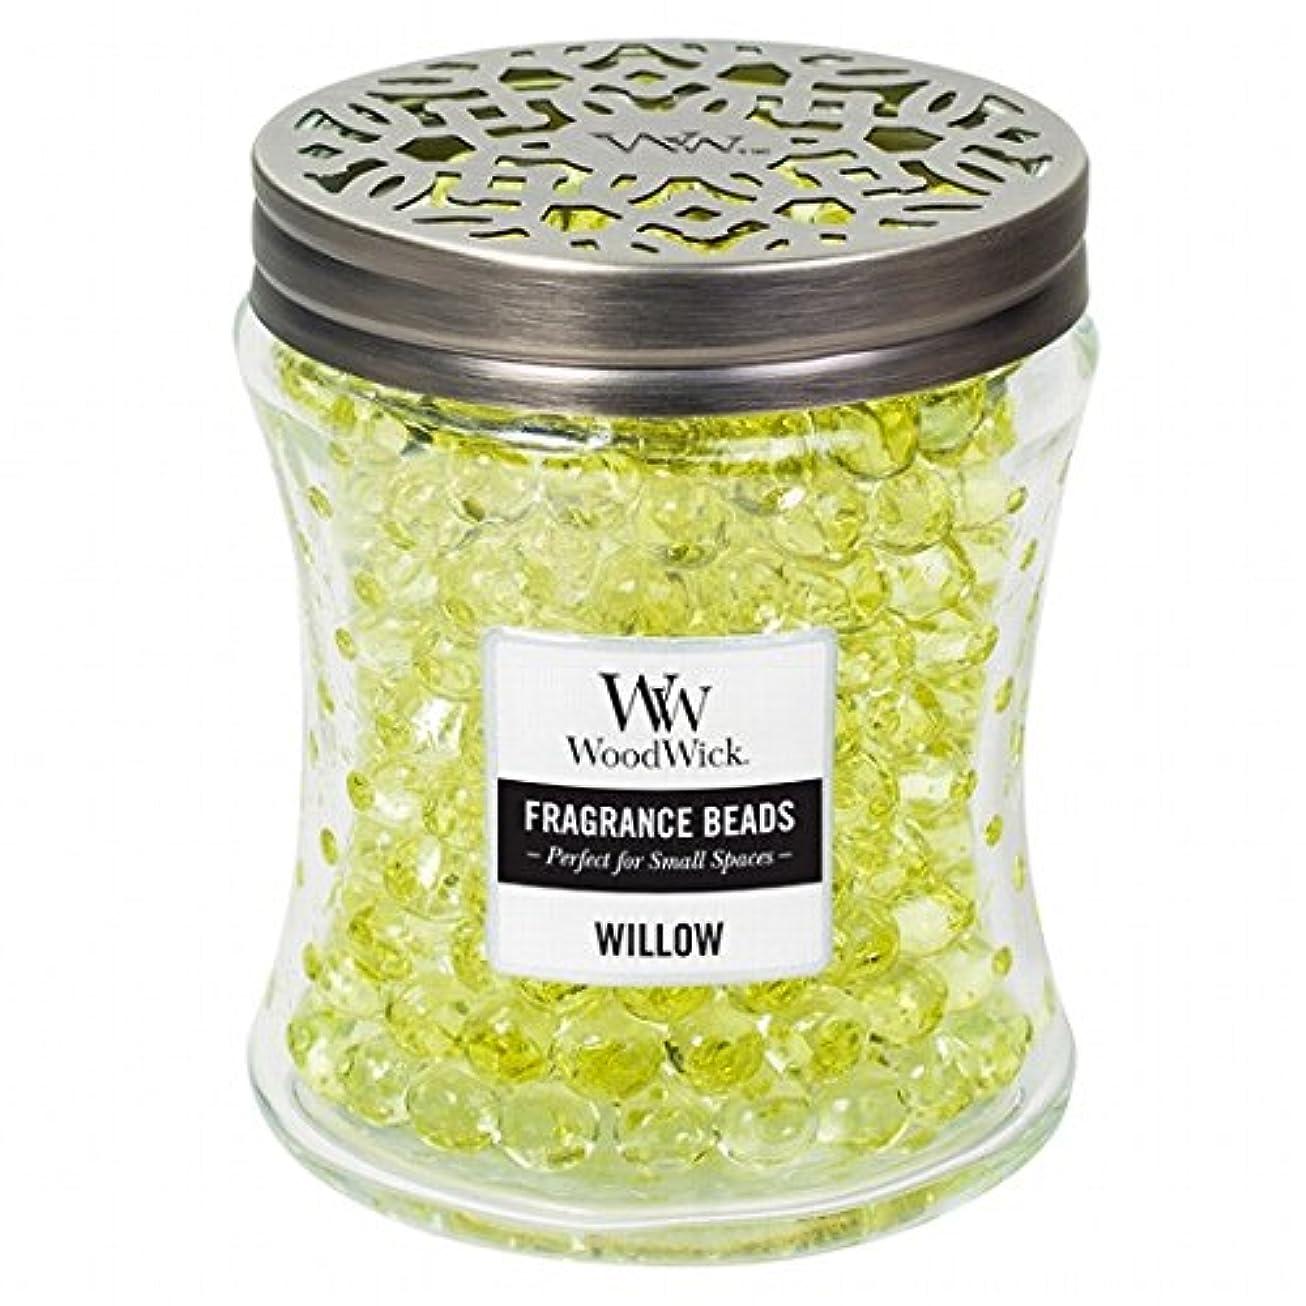 ペチュランスびんブラジャーWoodWick(ウッドウィック) Wood Wickフレグランスビーズ 「 ウィロー 」W9620525(W9620525)